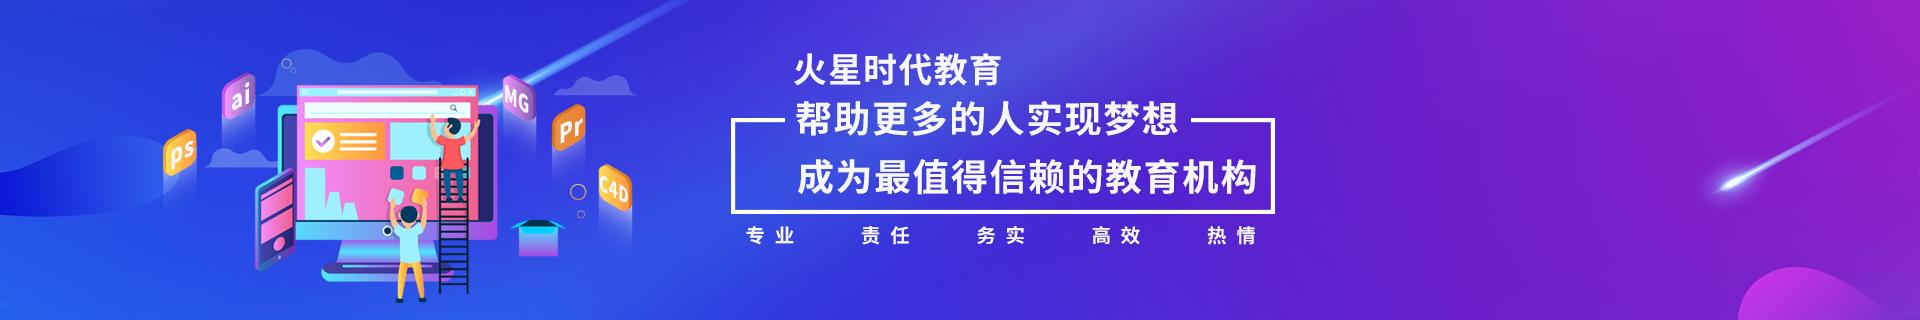 北京房山火星时代教育